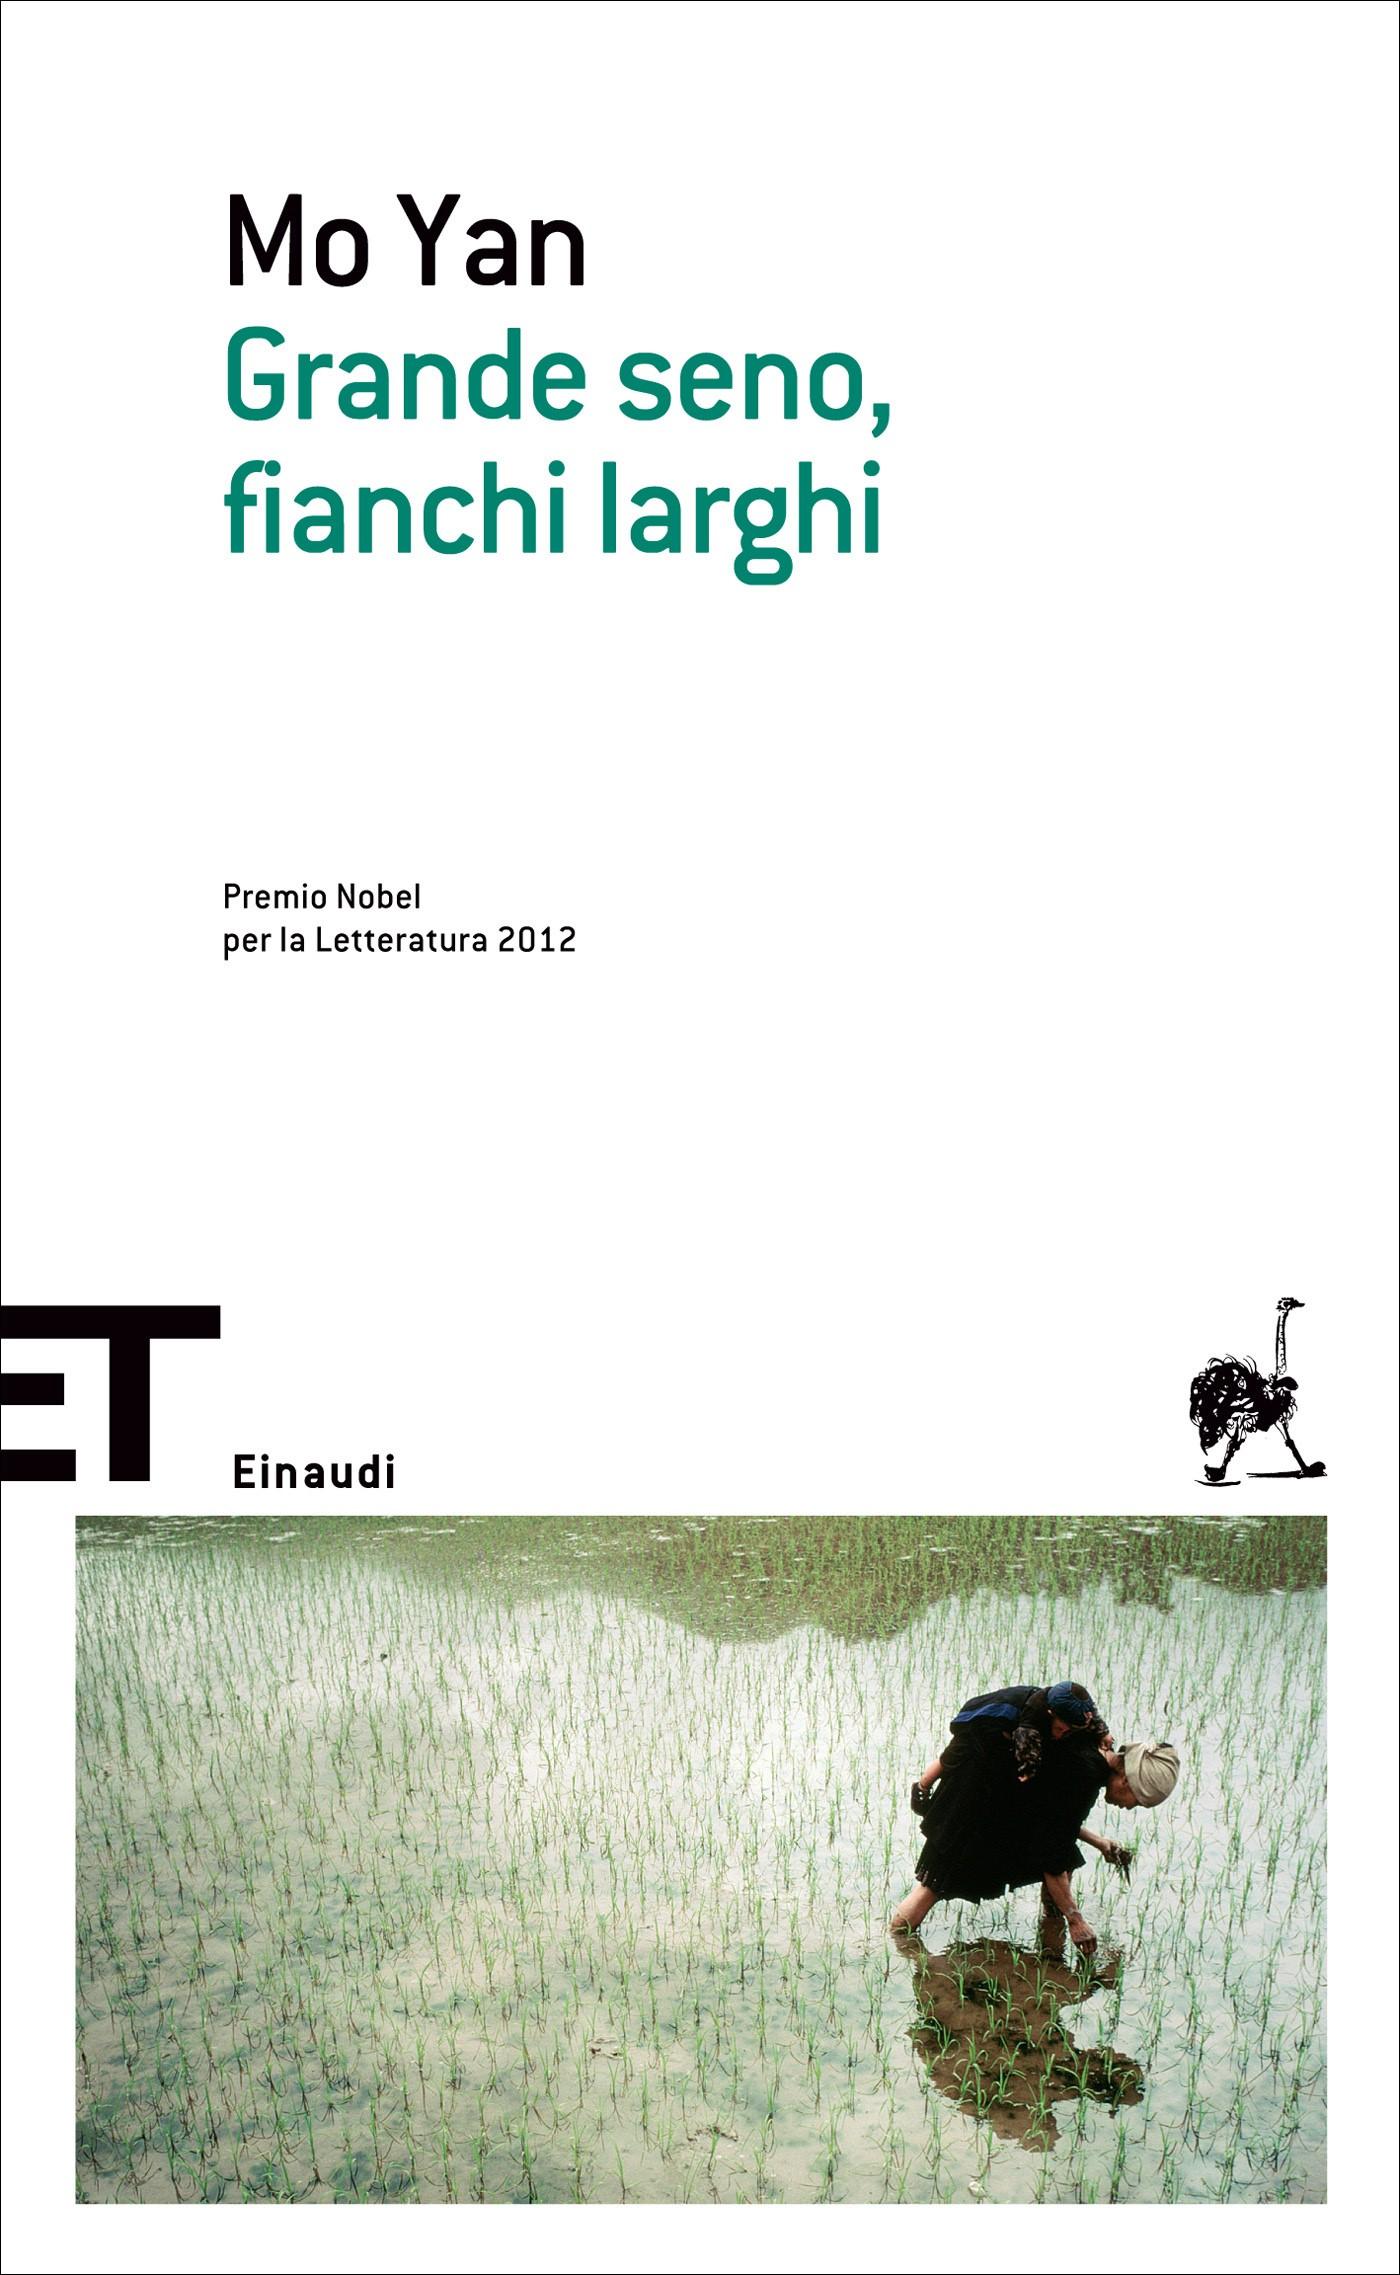 Mo Yan, Grande seno, fianchi larghi, Einaudi